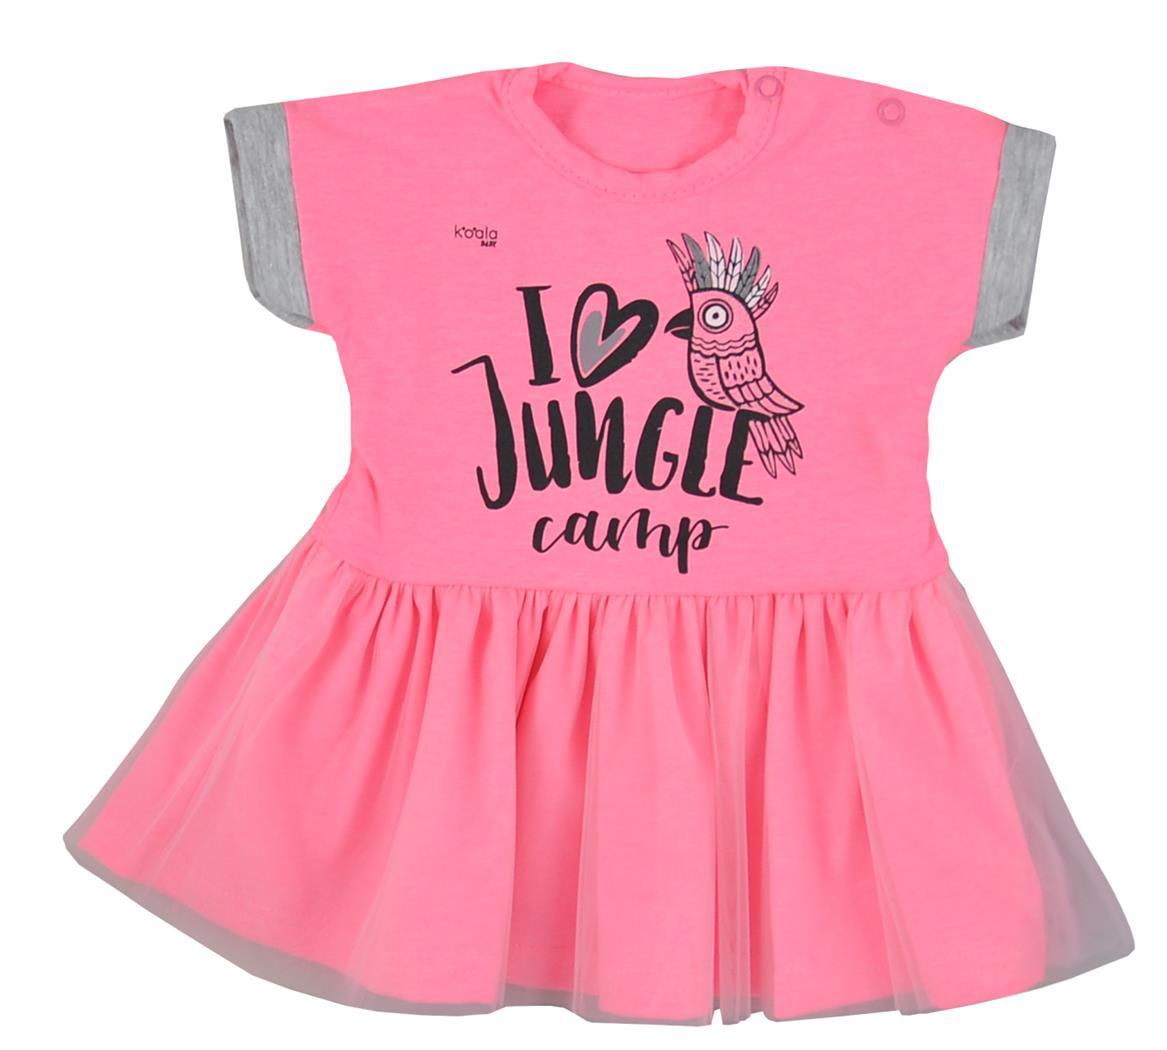 c122bc67cac0 Detské šaty a sukne - výhodný nákup